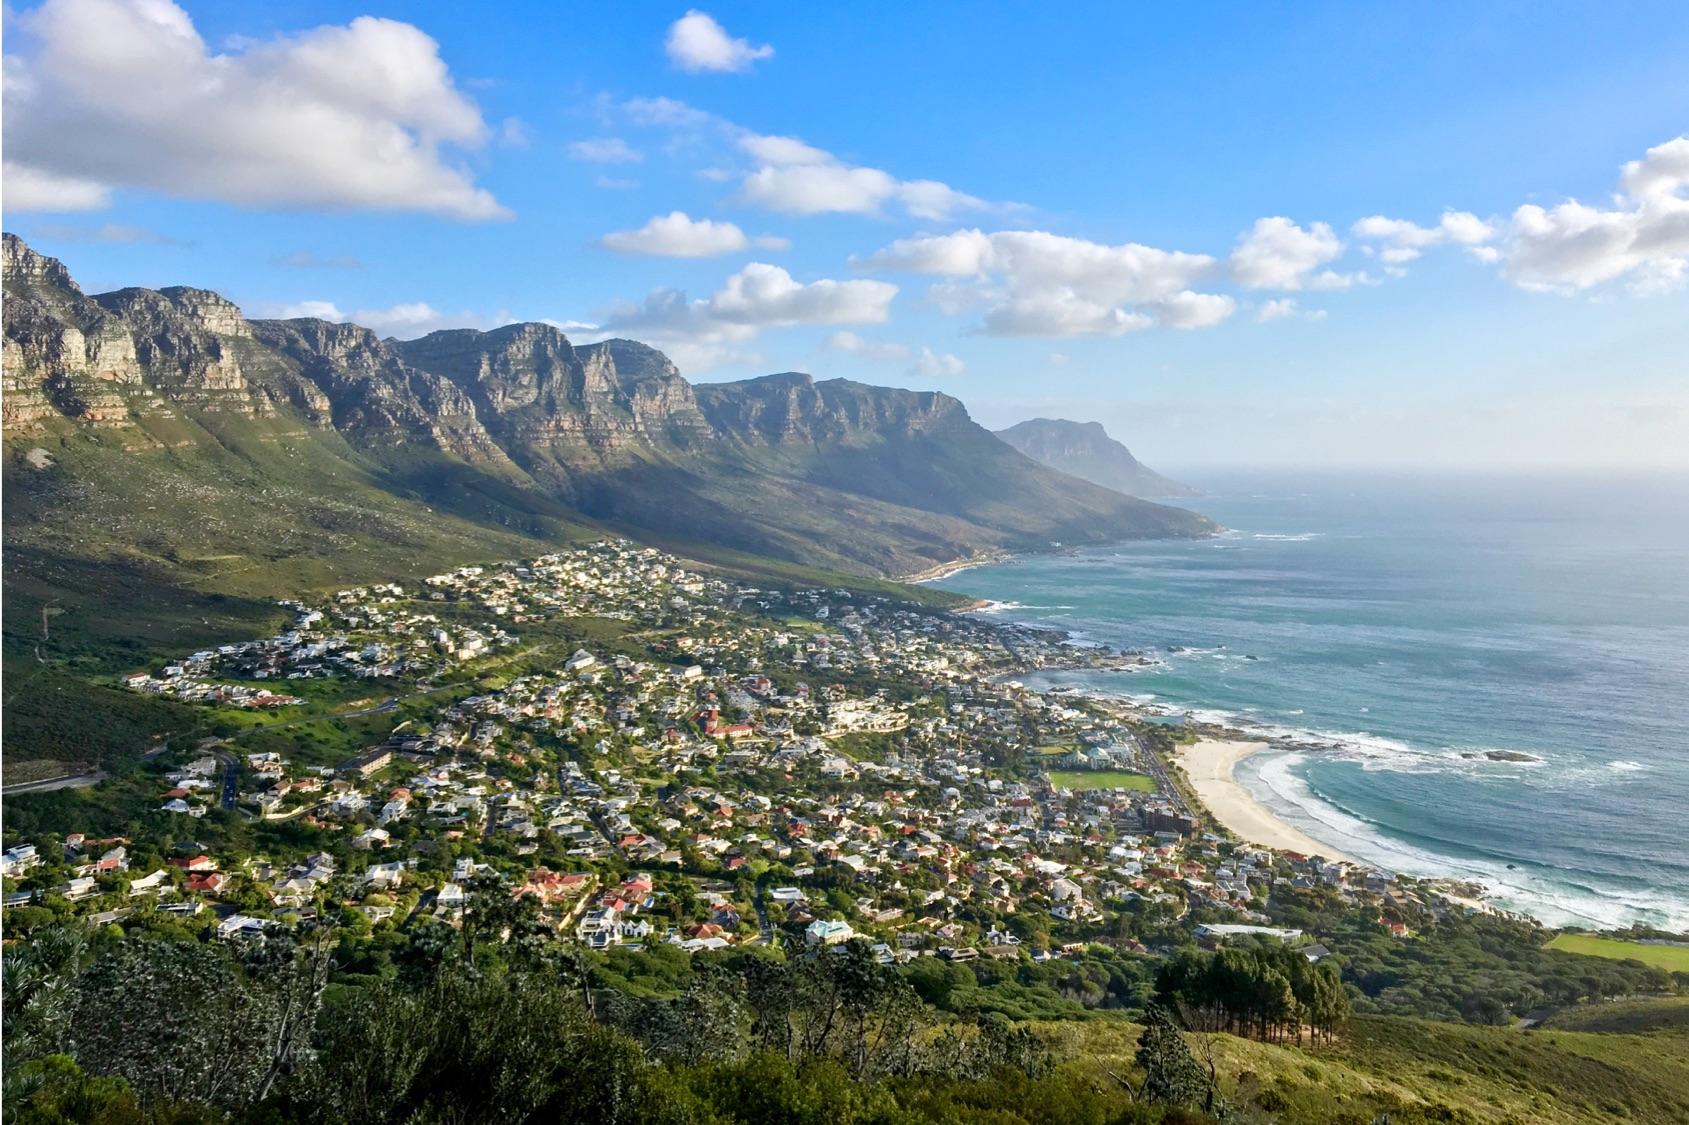 2022年 2/23 南非豪華9日遊 杜拜Dubai—南非開普敦Cape Town, South Africa